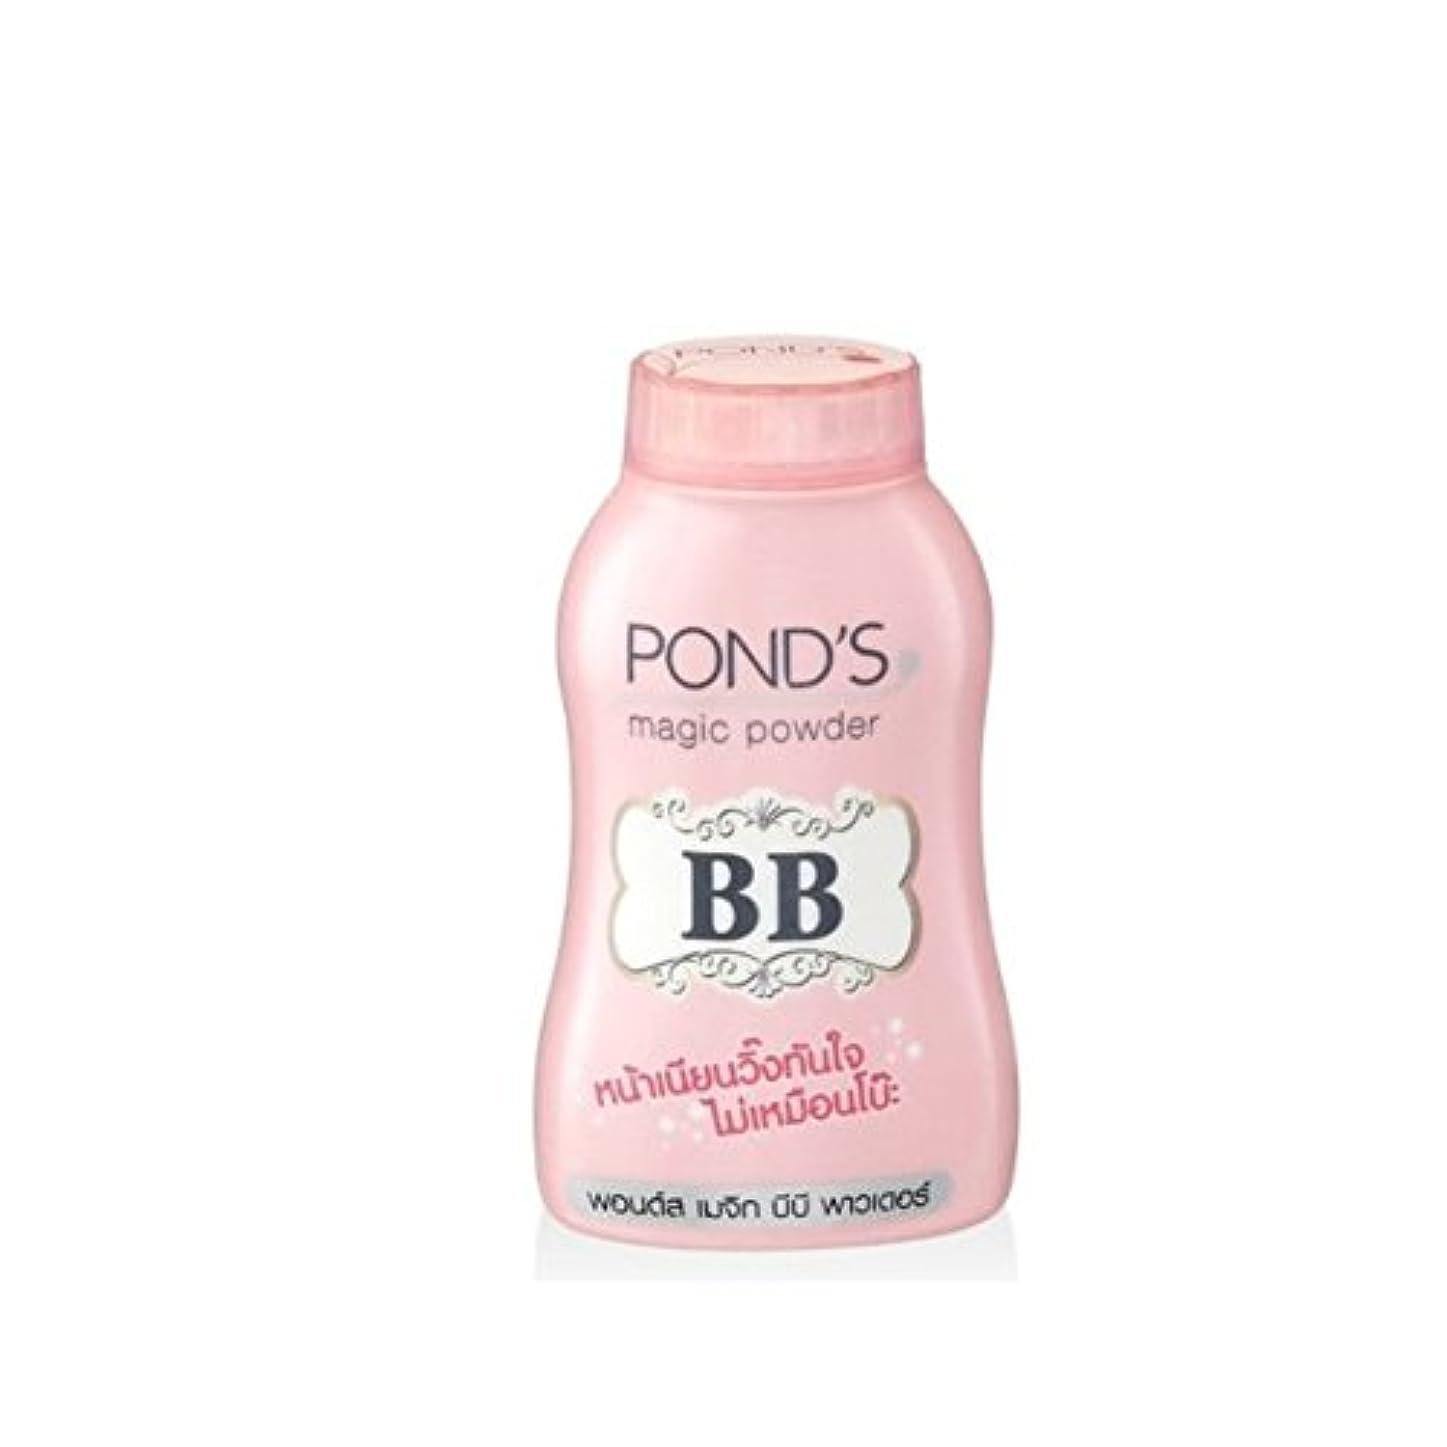 直径初期の付属品POND's Magic BB Pwder ポン酢マジック?パウダー50g 2 pack (並行輸入品)